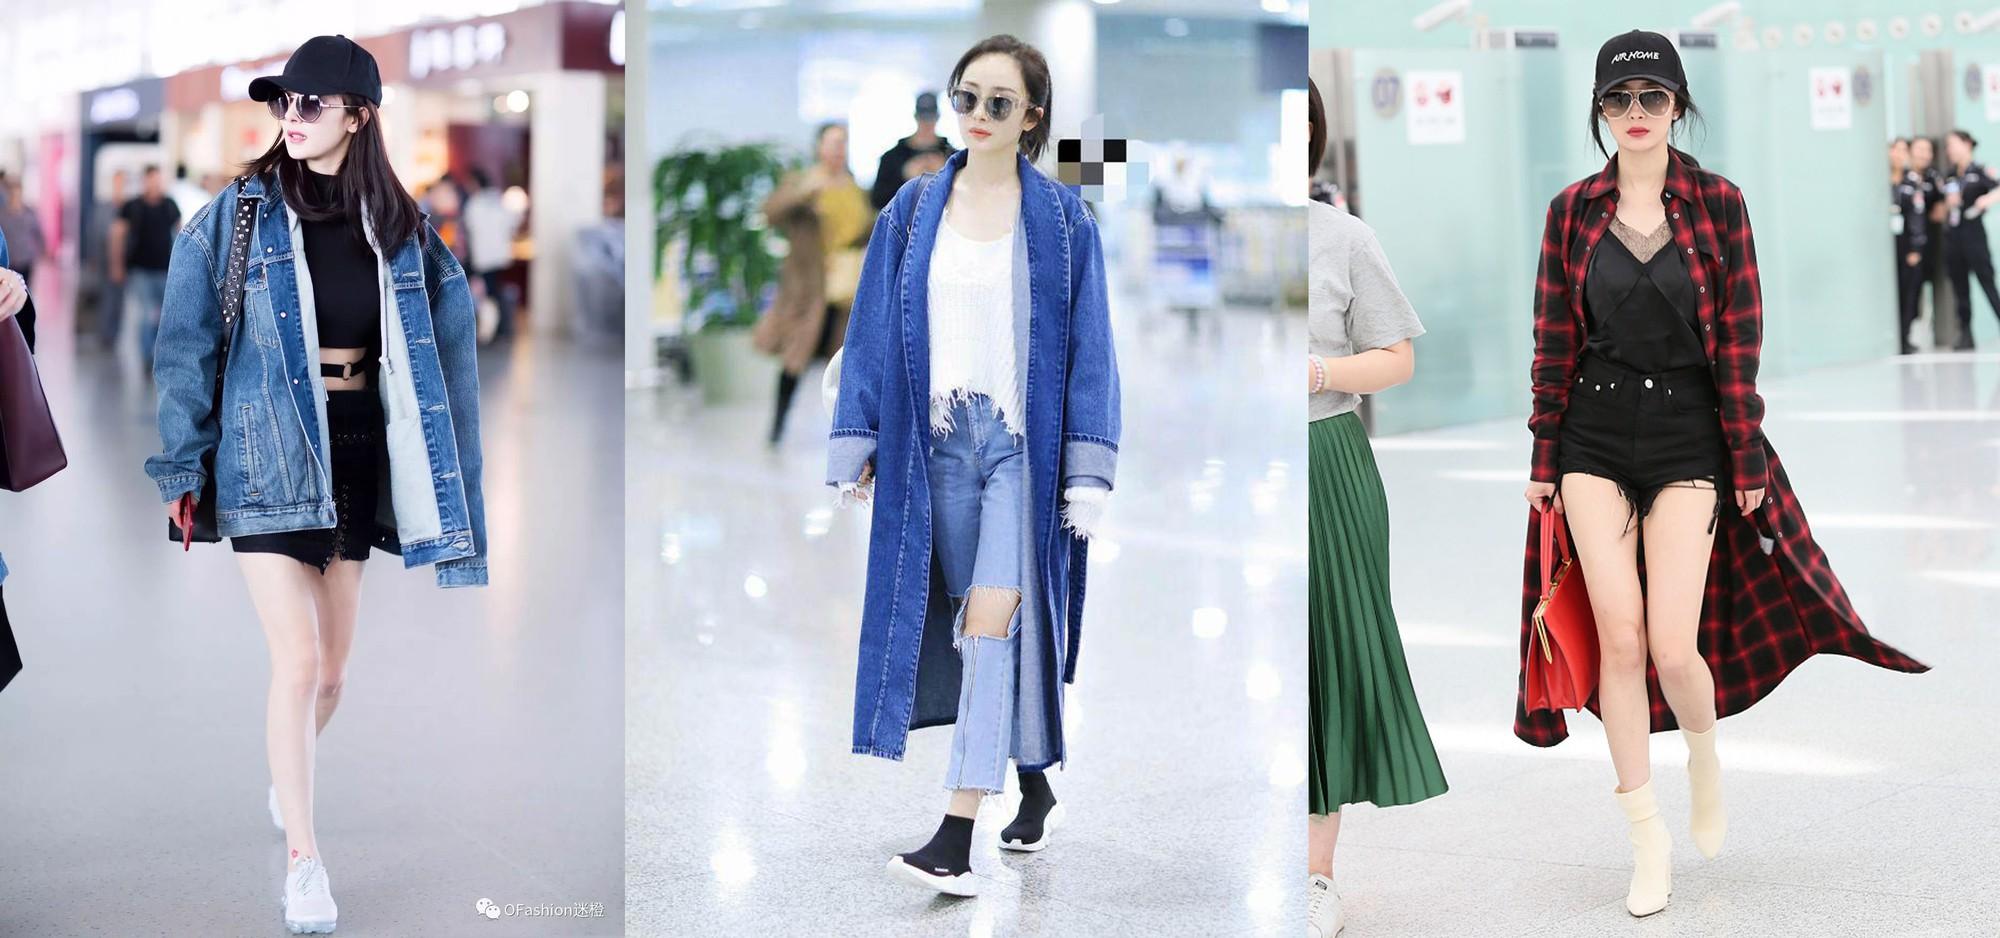 5 ngôi sao Hoa ngữ sở hữu phong cách thời trang sân bay đẹp nhất năm 2017 - Ảnh 2.